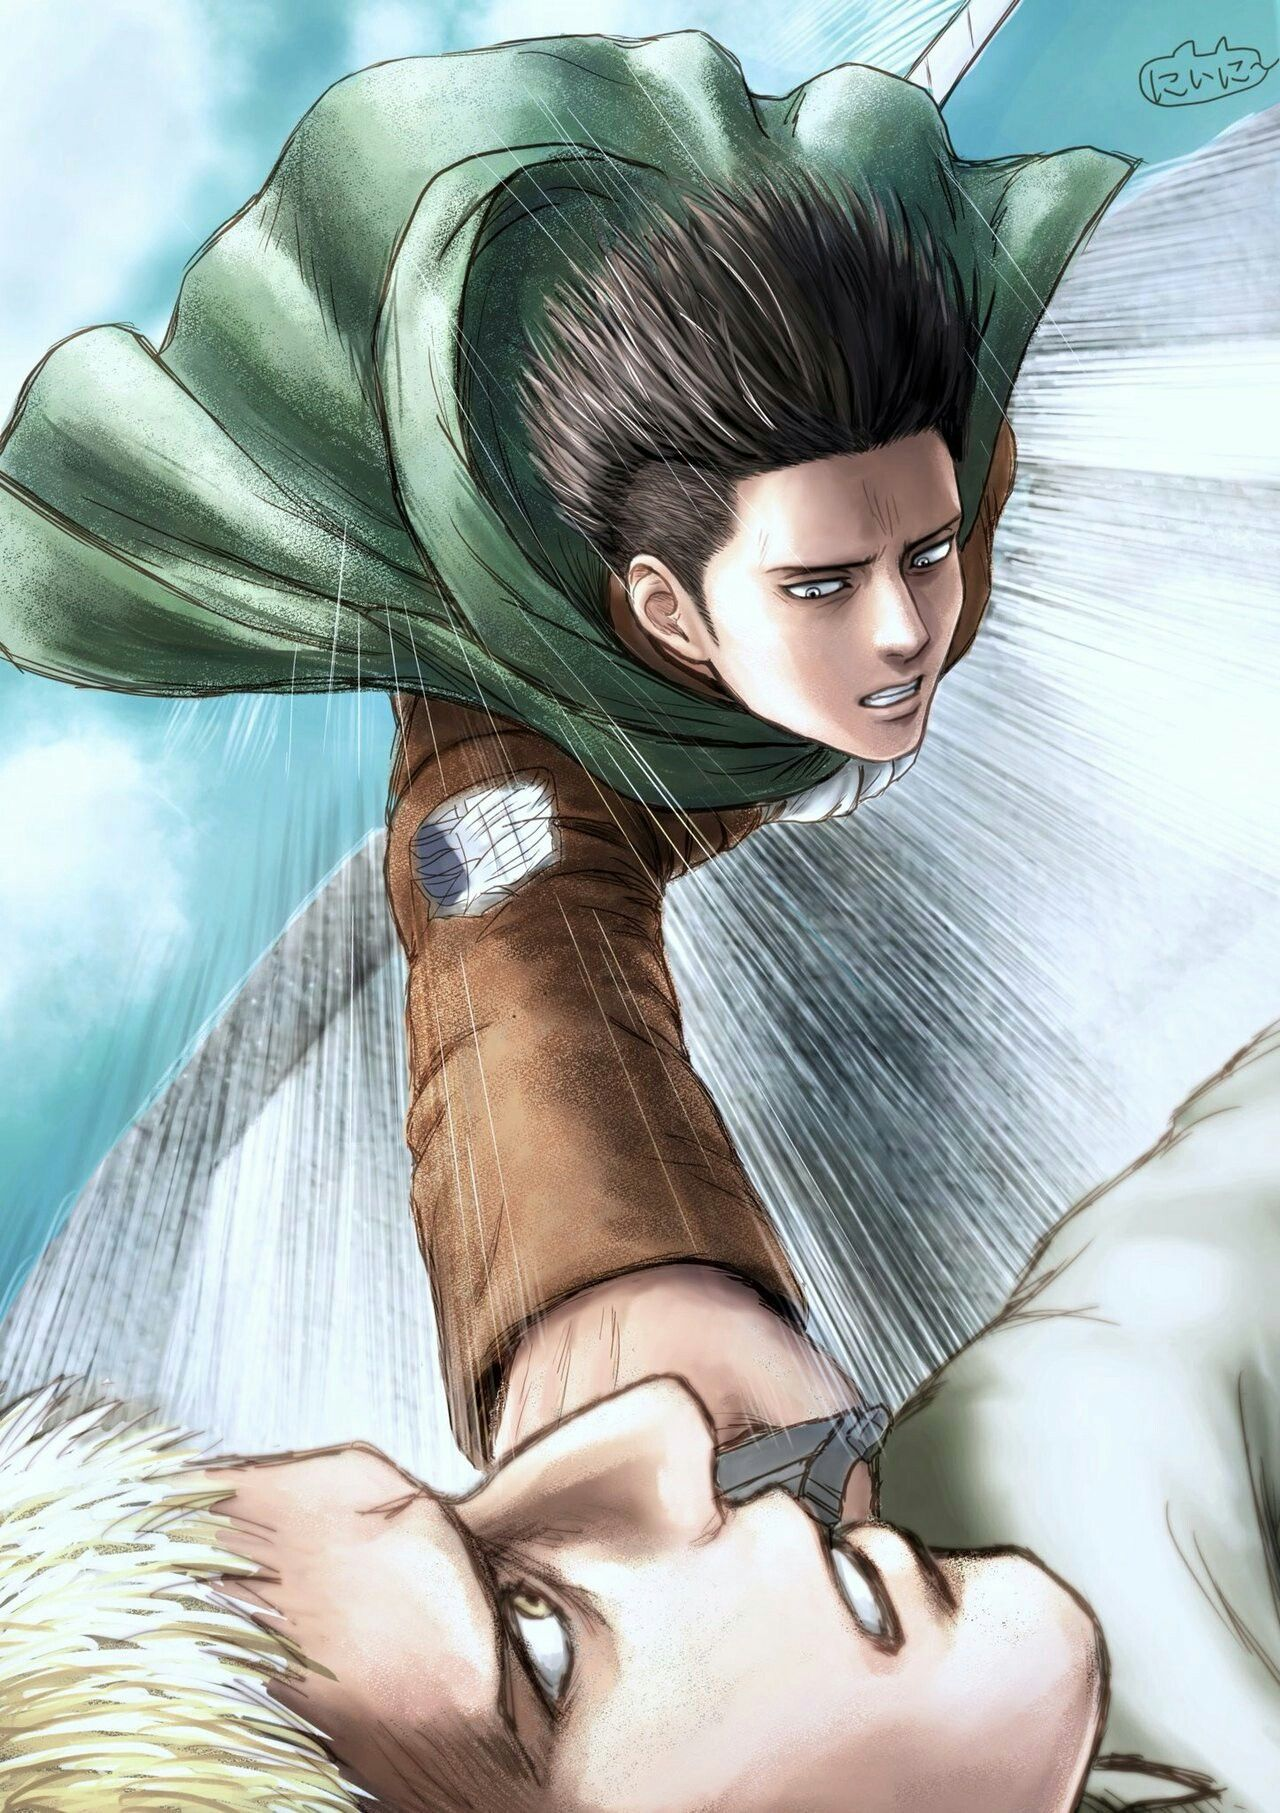 Pin by Esh Rak on shingeki no kyojin 進撃の巨人 Attack on